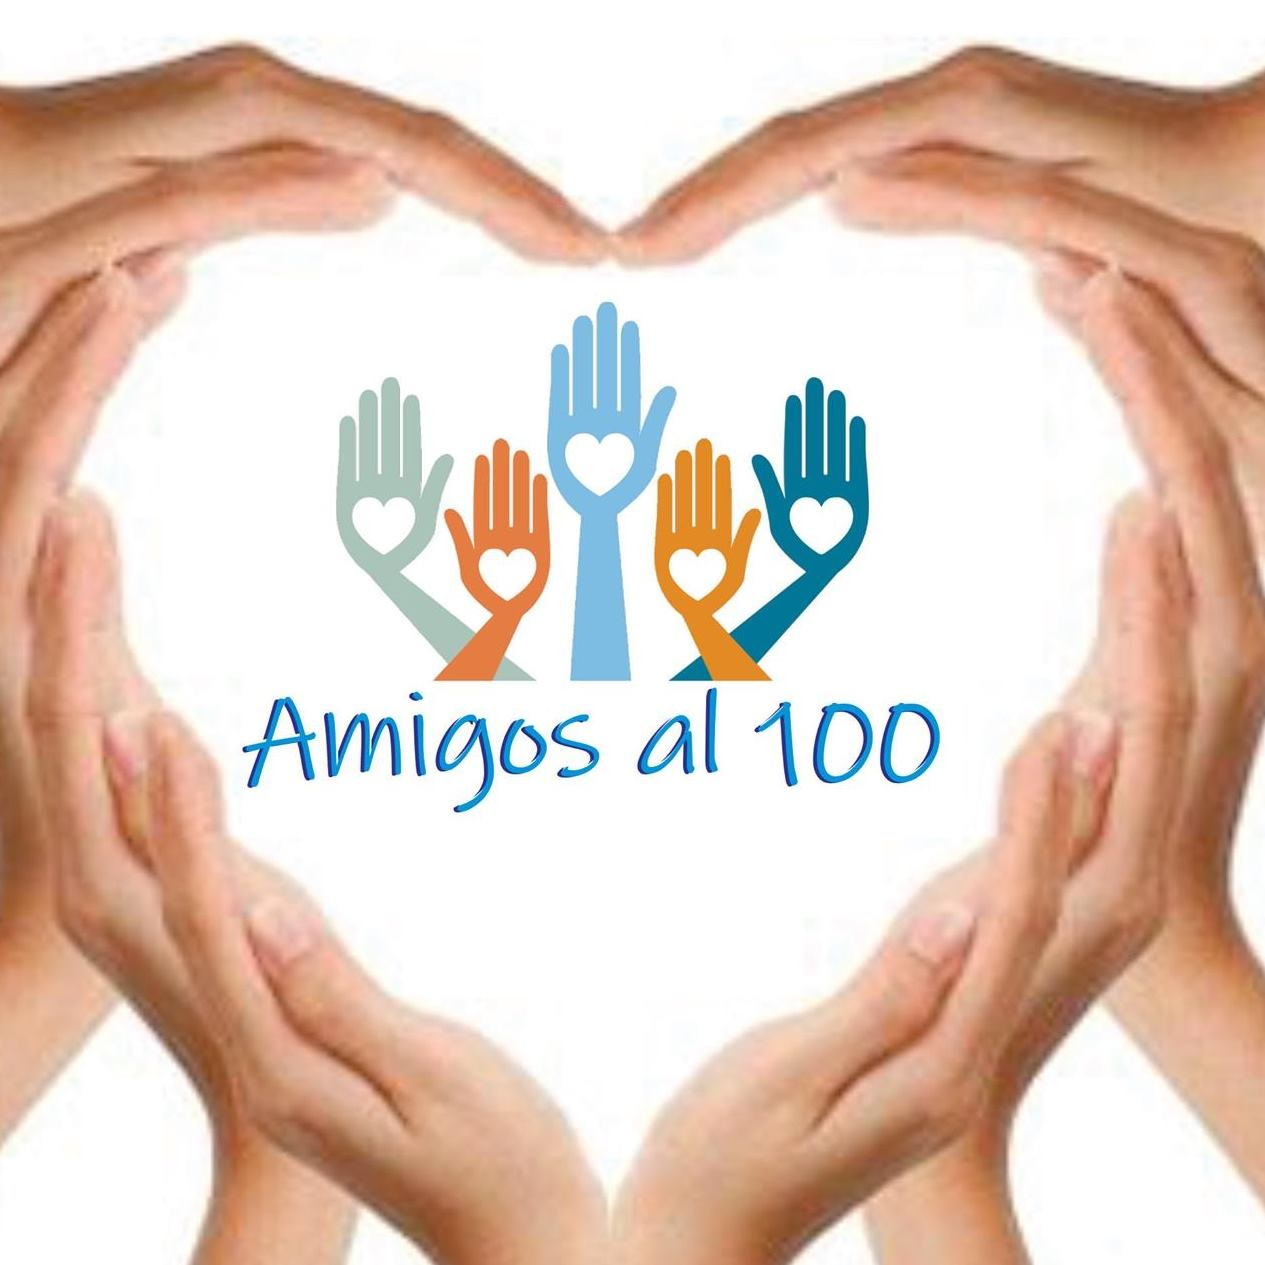 Amigos al 100